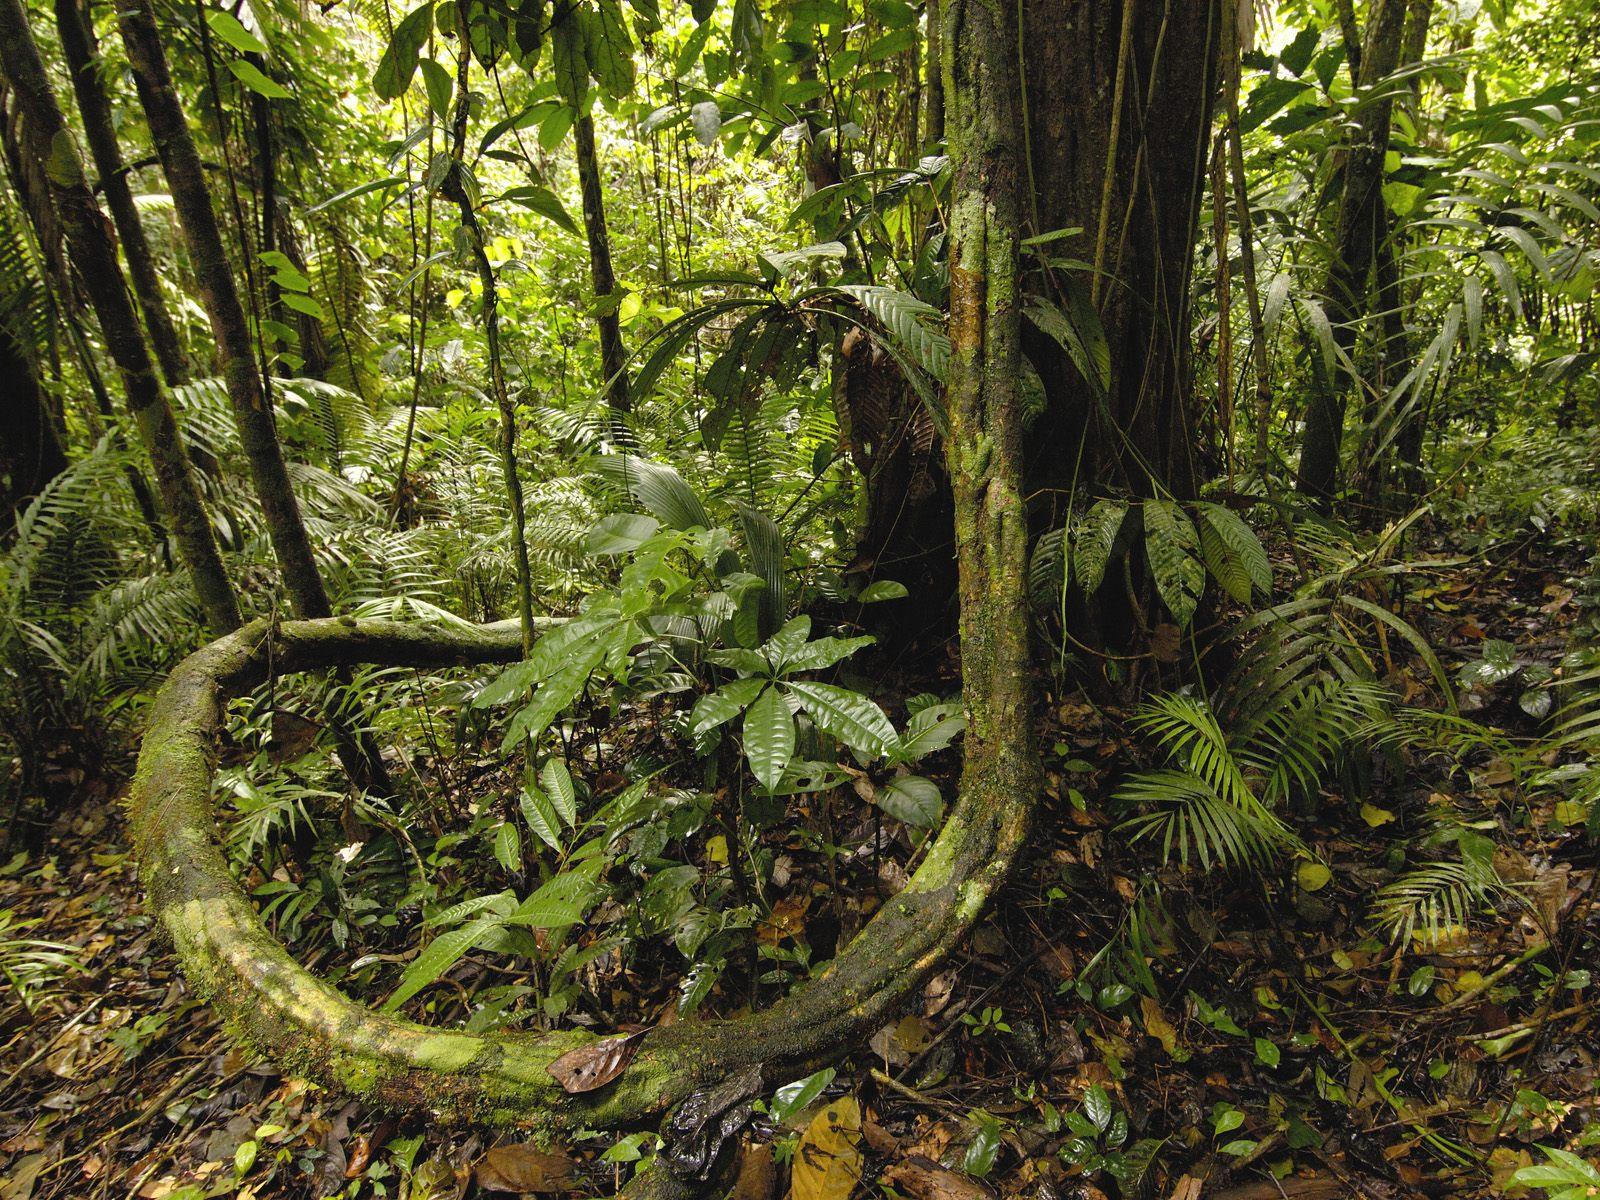 rainforest background